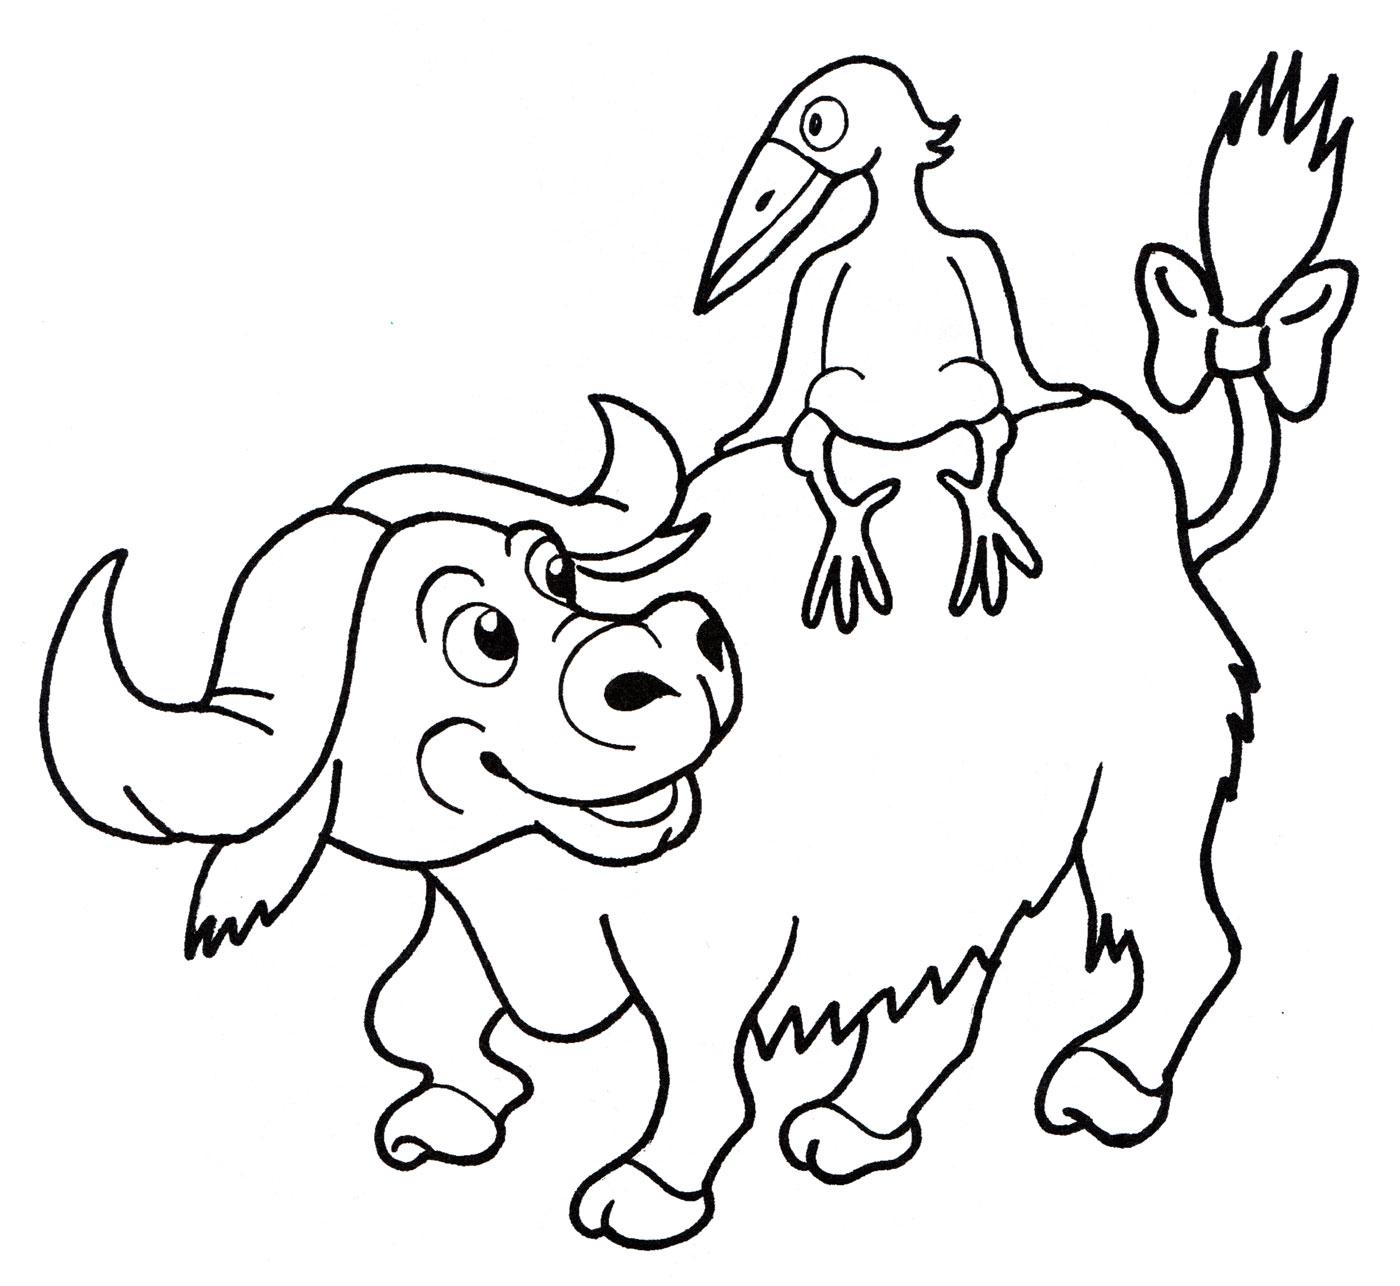 картинки раскрасок быков нло